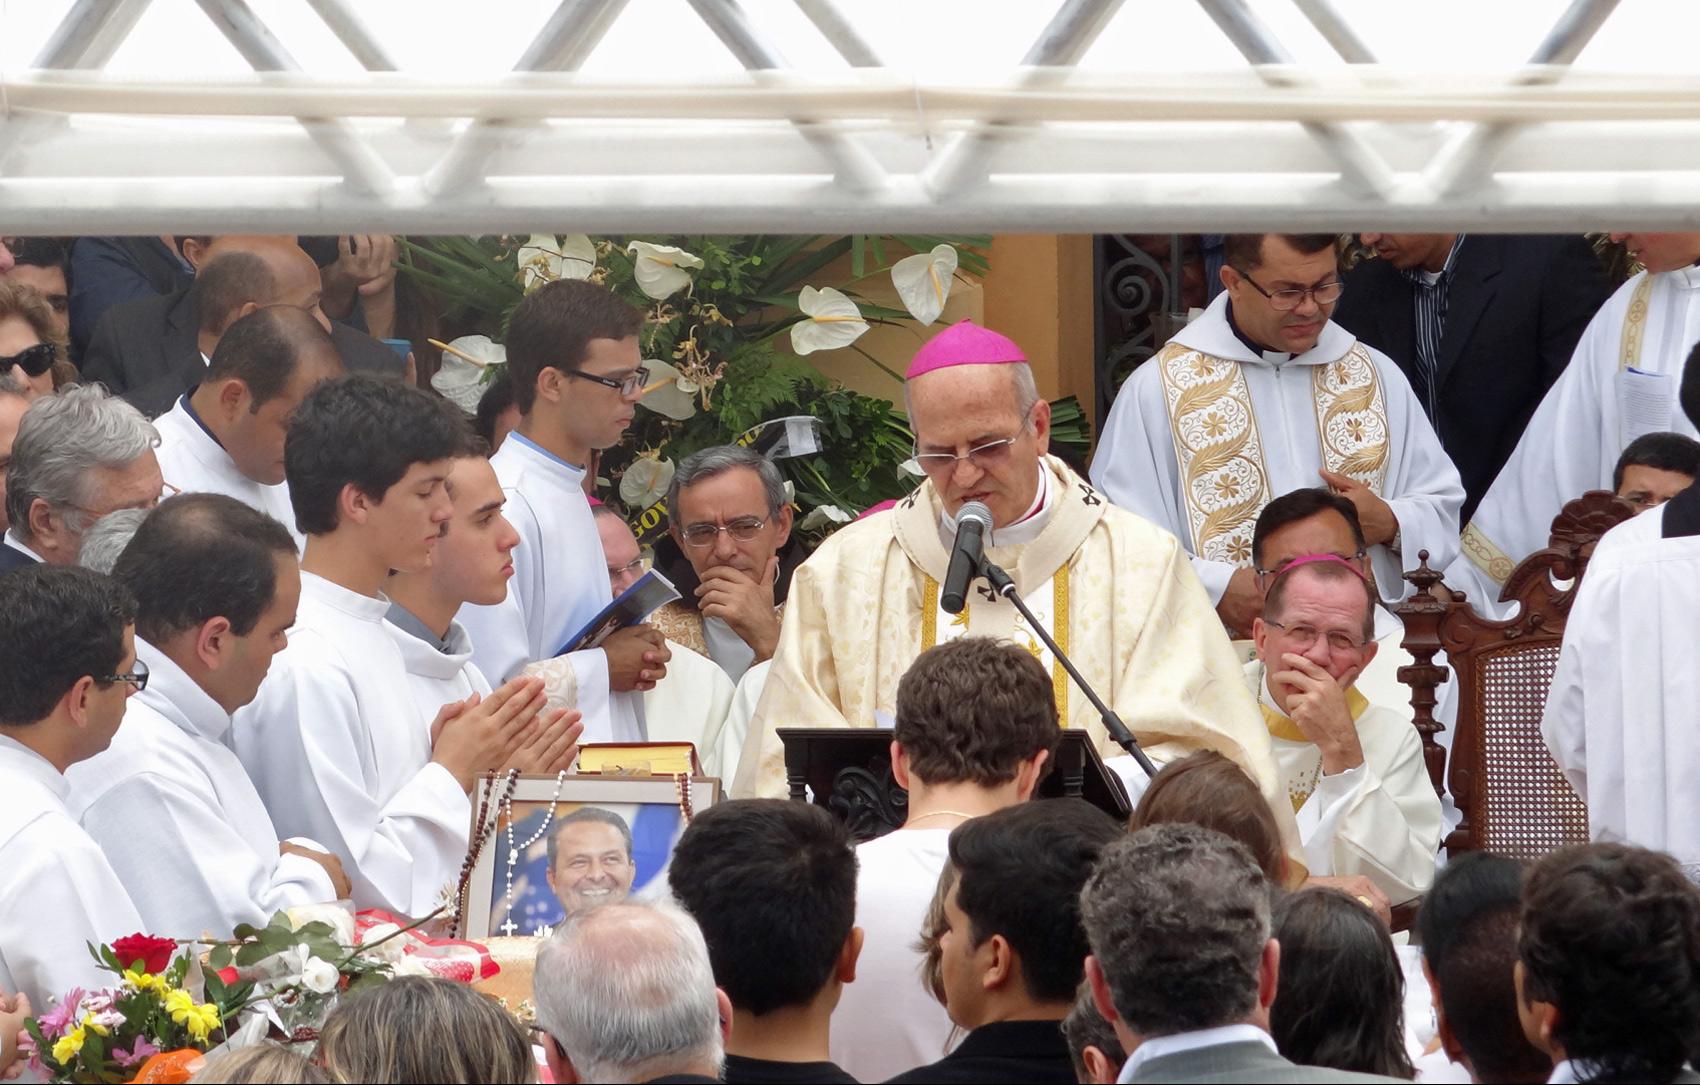 Missão campal no velório de Eduardo Campos, Carlos Percol e Alexandre Severo